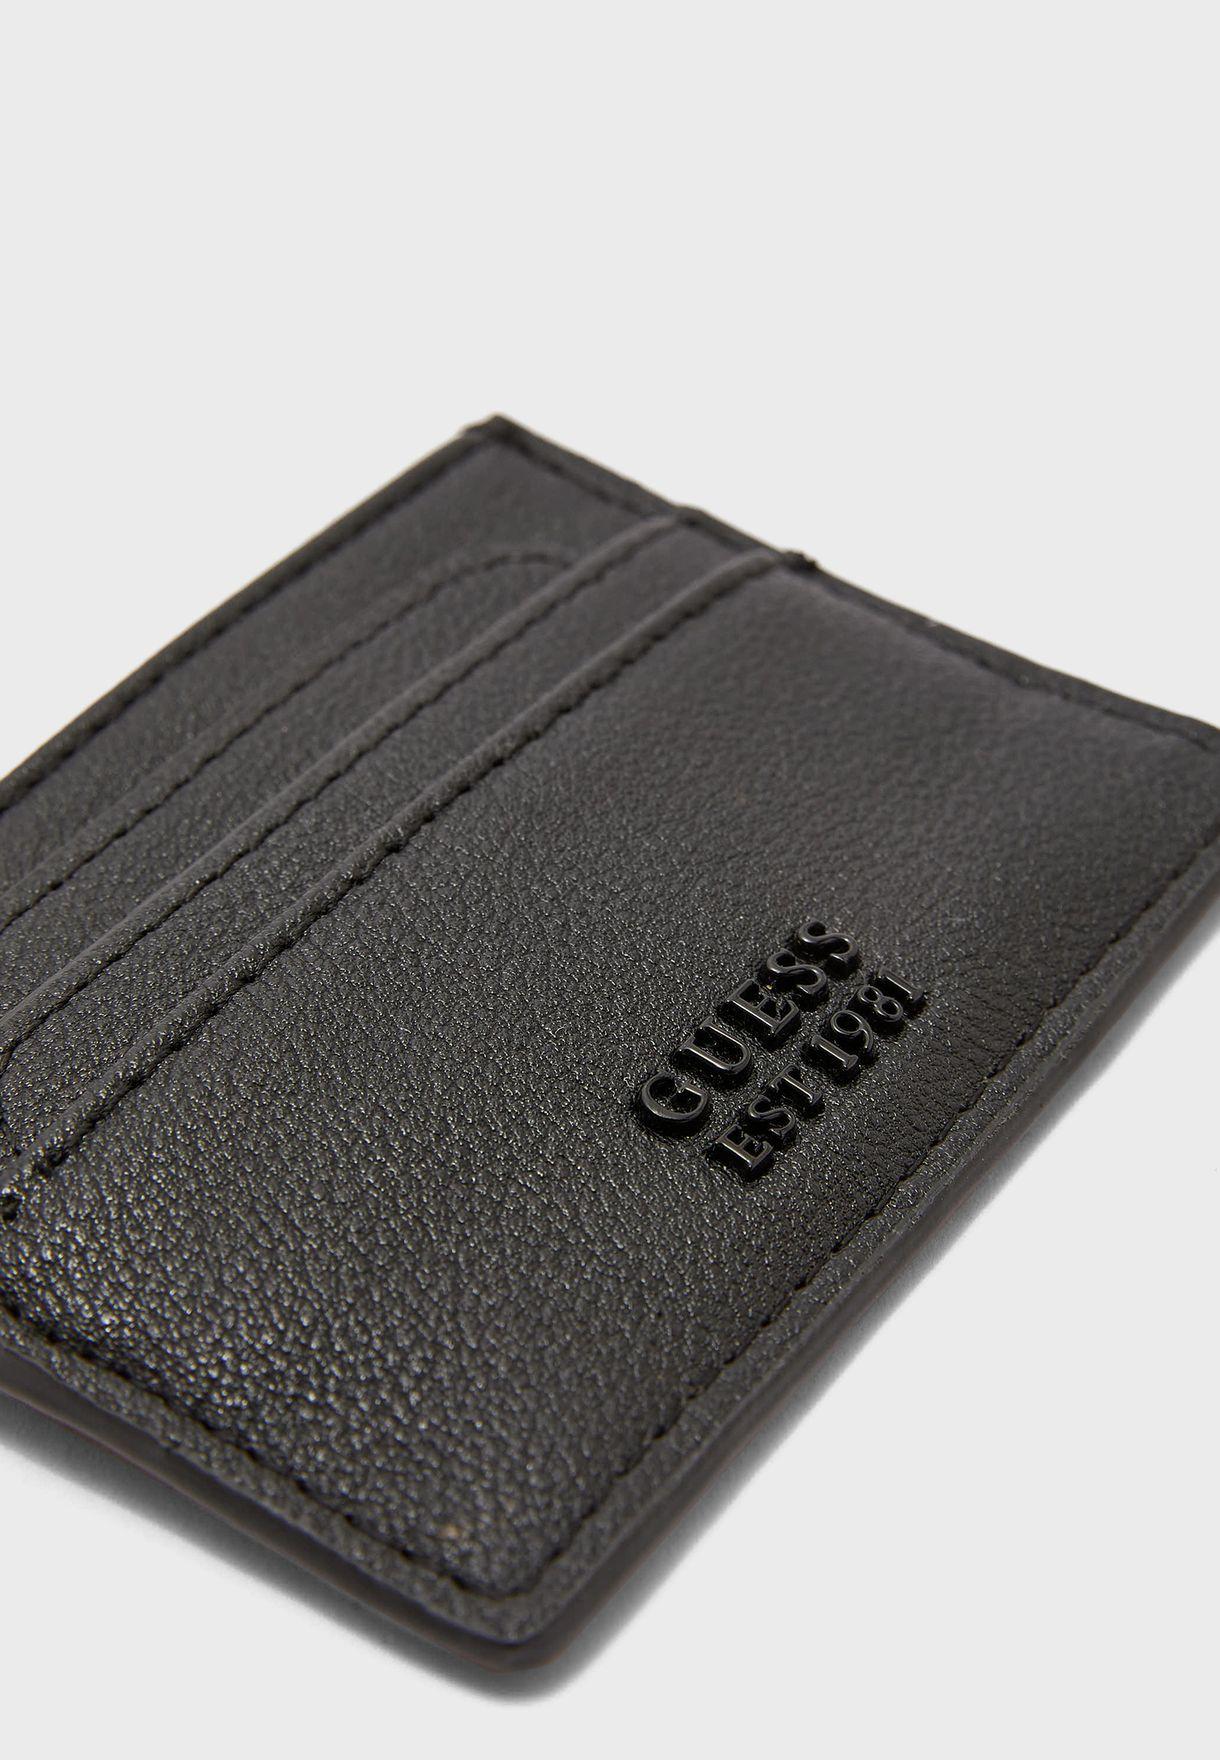 Noelle Multislot Card Holder